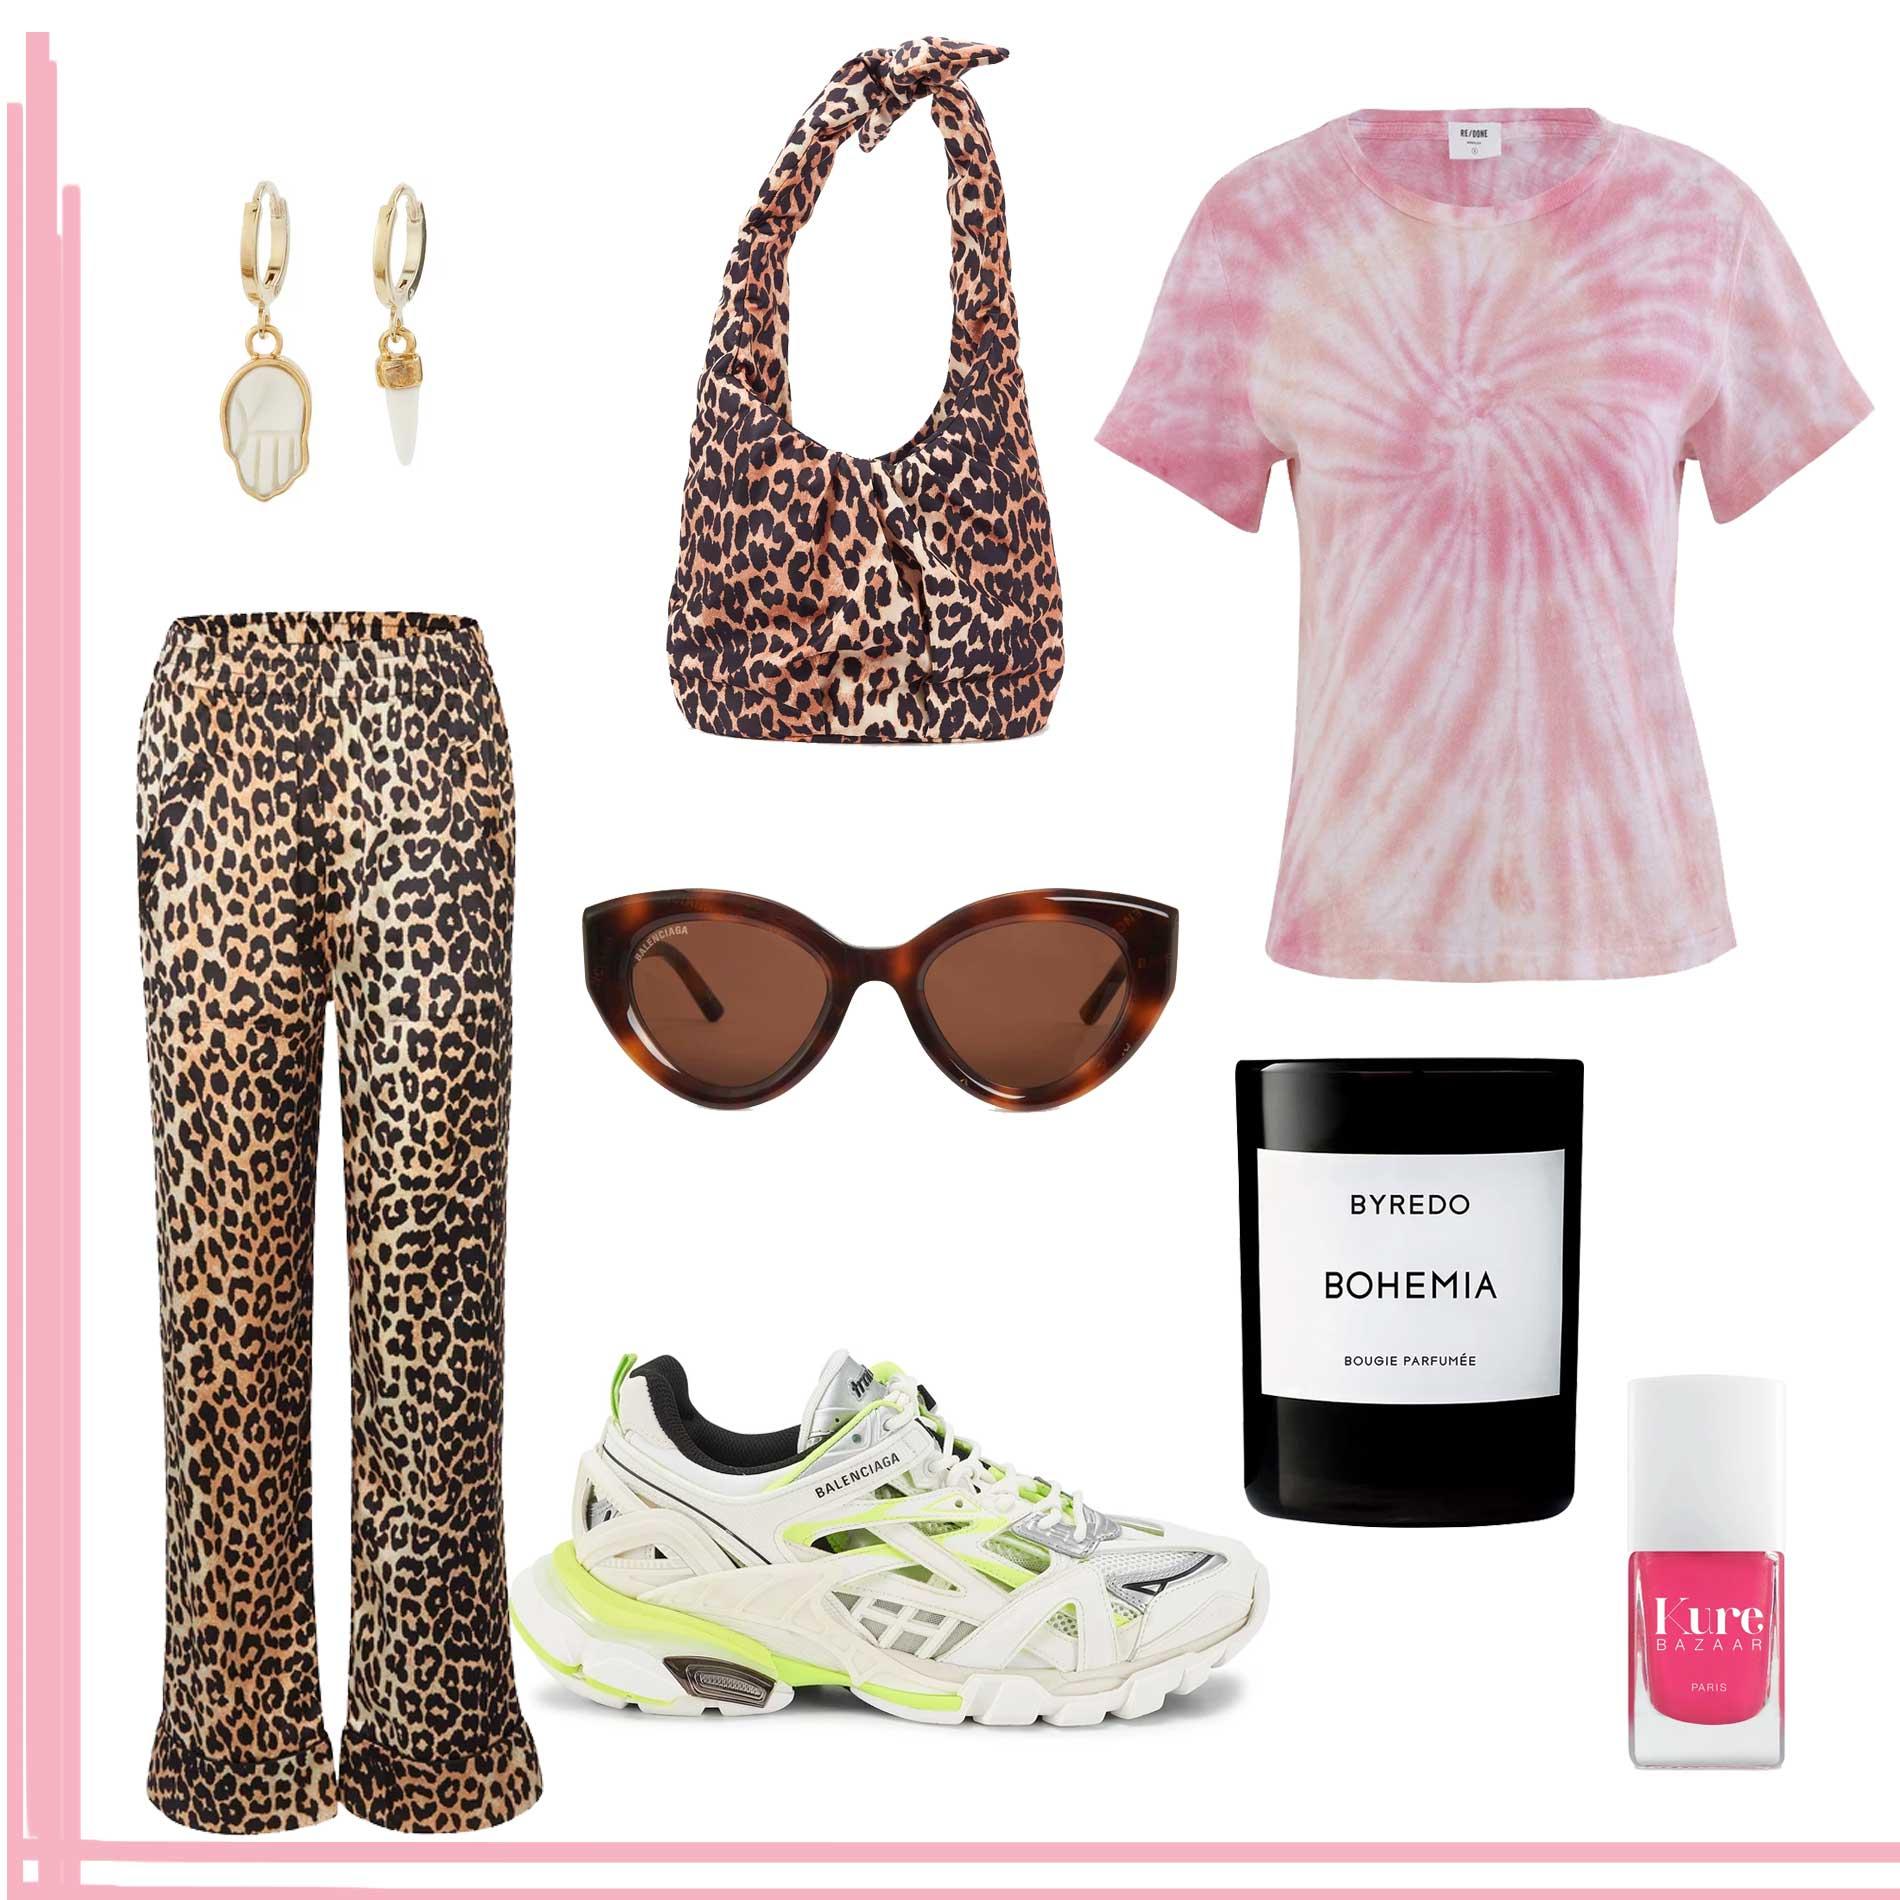 Meine Fashion- und Beauty-Picks, Balenciaga Sonnenbrillen, Balenciaga Sneaker, Wunschliste, Ganni, Byredo, Kure Bazaar, Meine Wunschliste